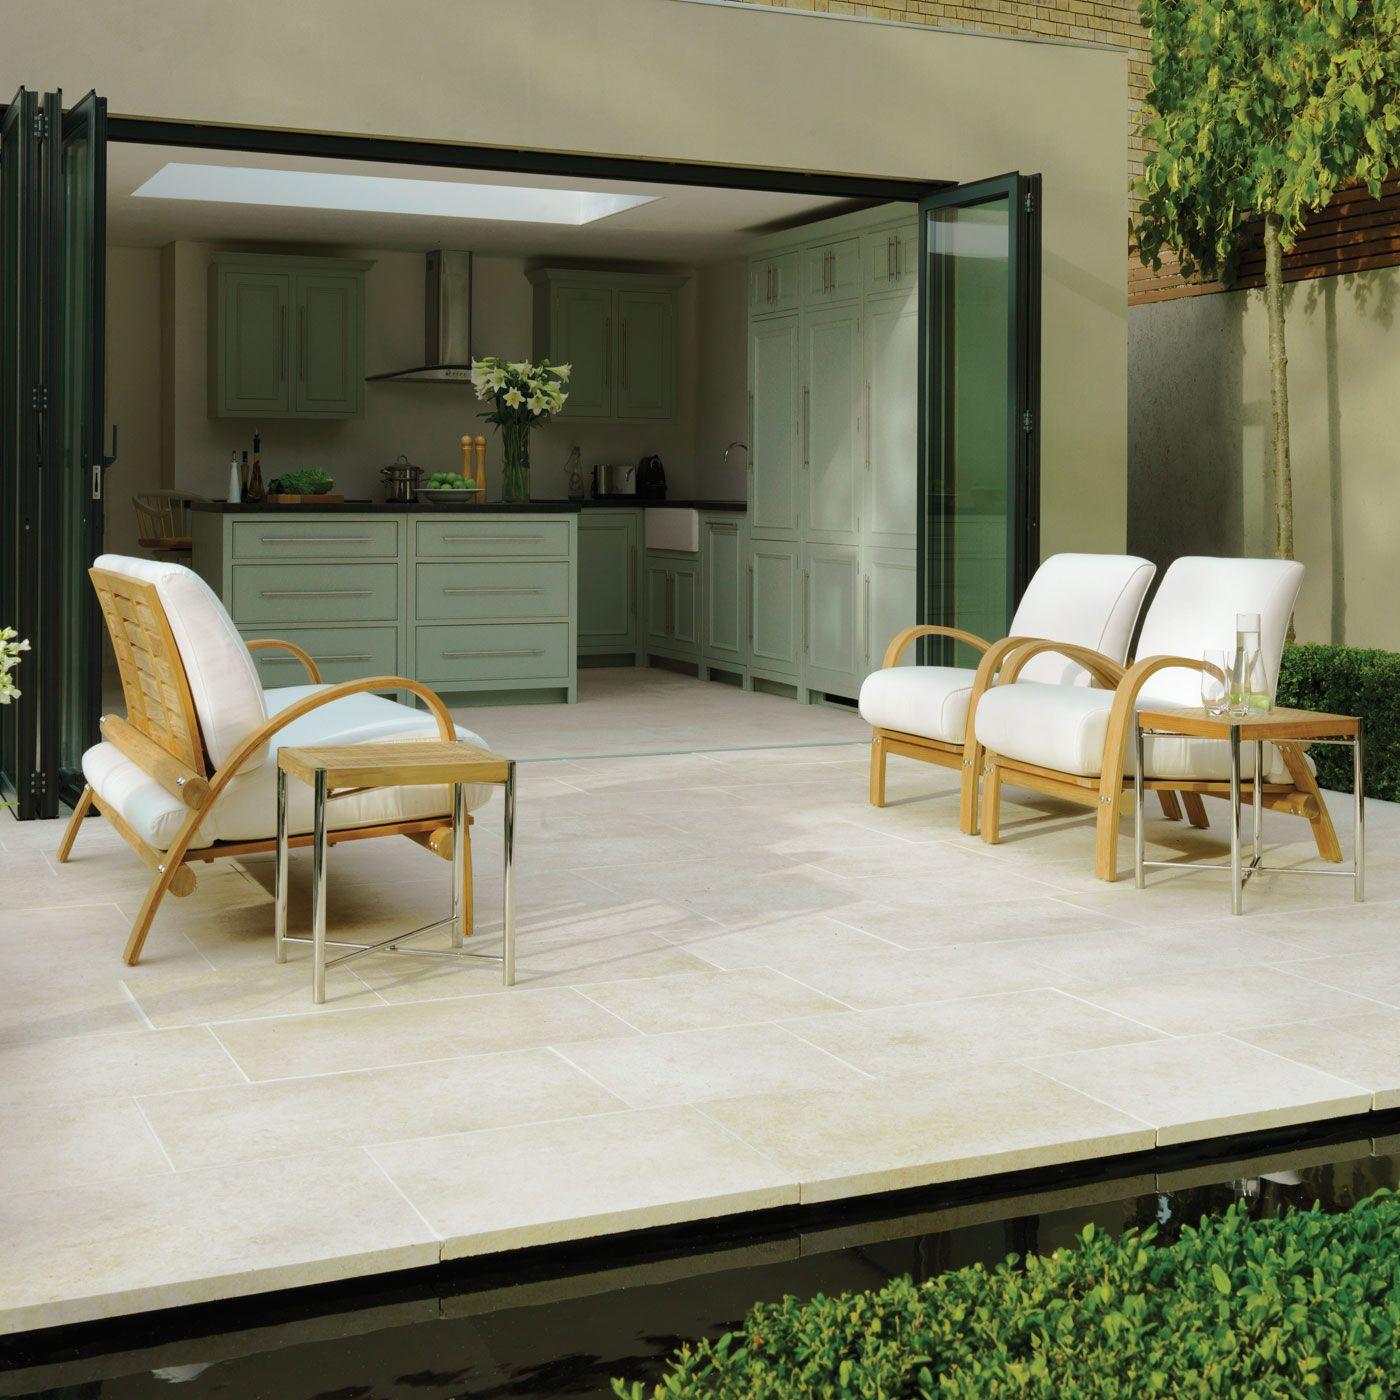 exemple de cuisine vert menthe qui s ouvre sur une terrasse exterieure recouverte de dalles, chaises bois, coussins d assise blancs